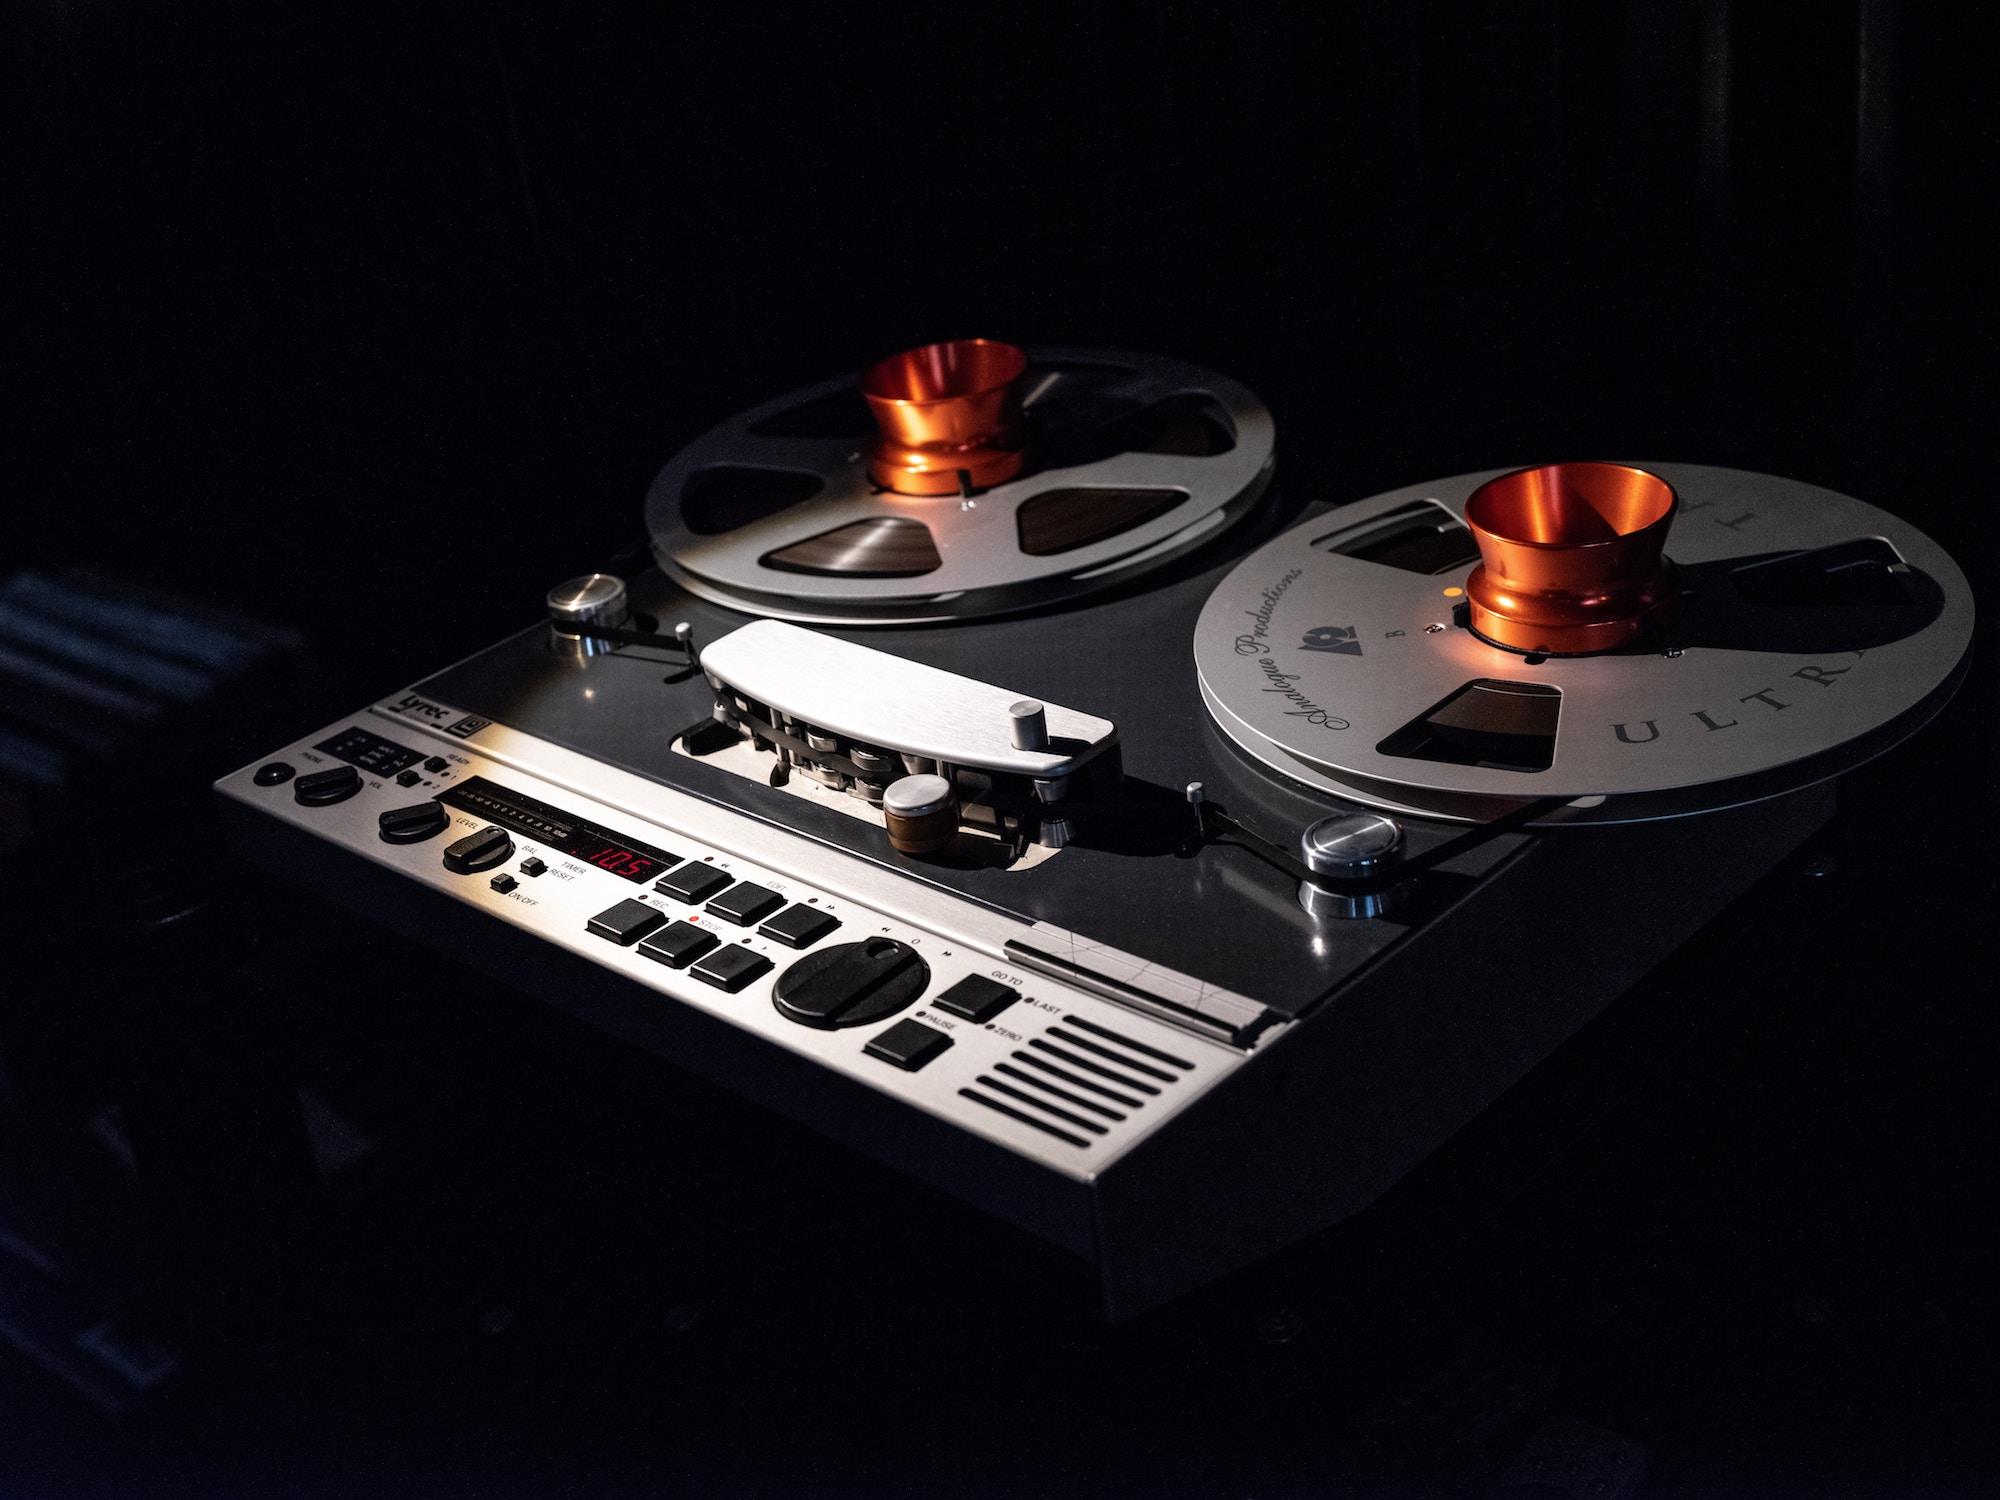 Гроші за звук — музична індустрія Східної Європи заробить $277 млн лише на рекламних сервісах